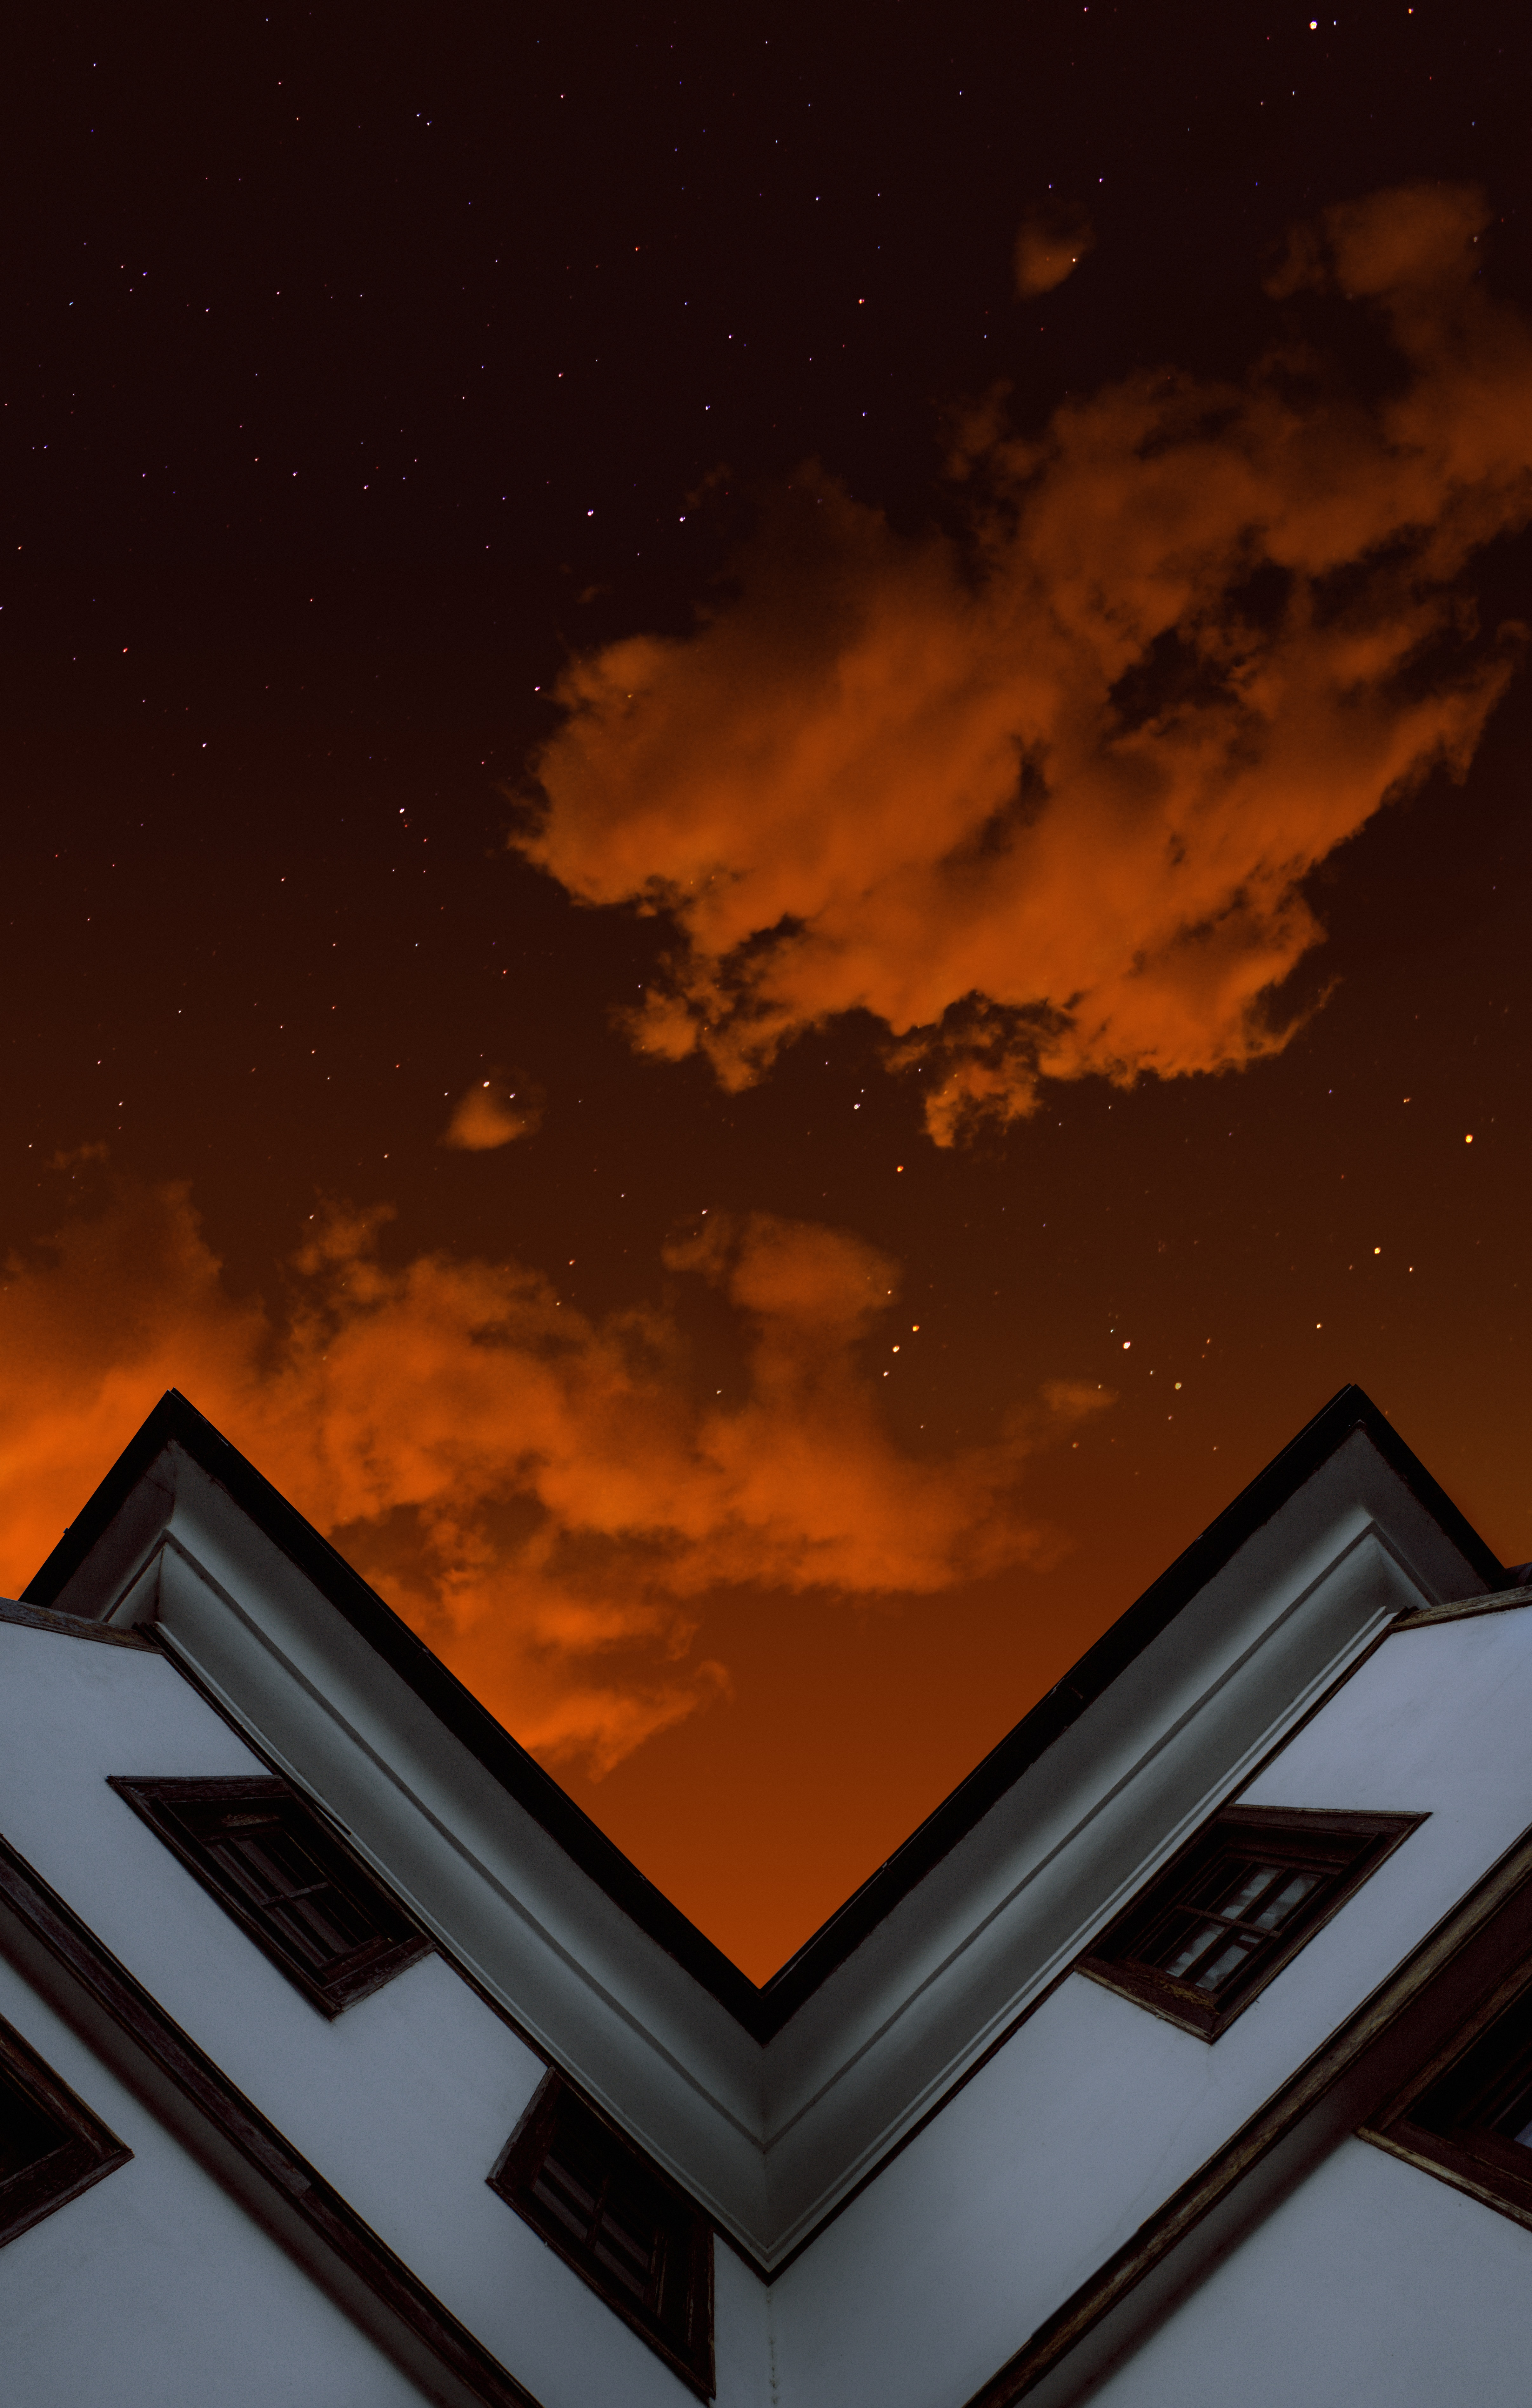 156074 скачать обои Разное, Крыша, Небо, Облака, Ночь, Вид Снизу - заставки и картинки бесплатно